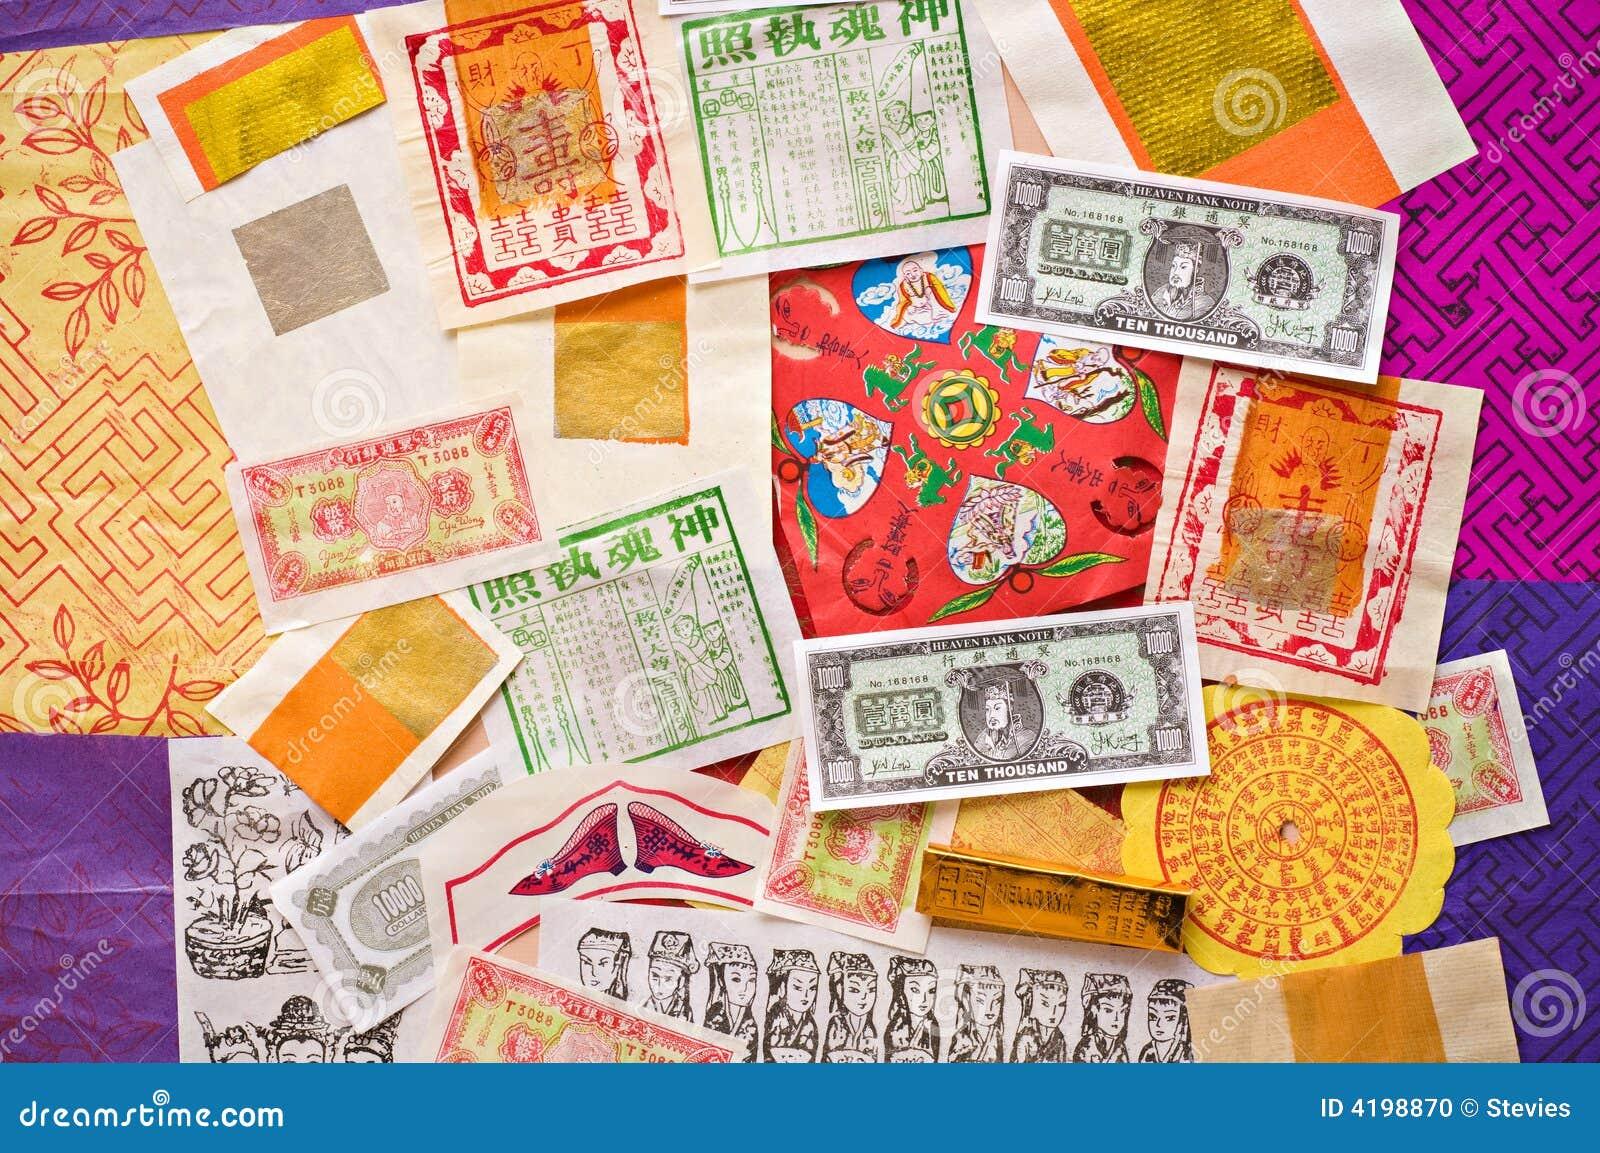 Joss paper money